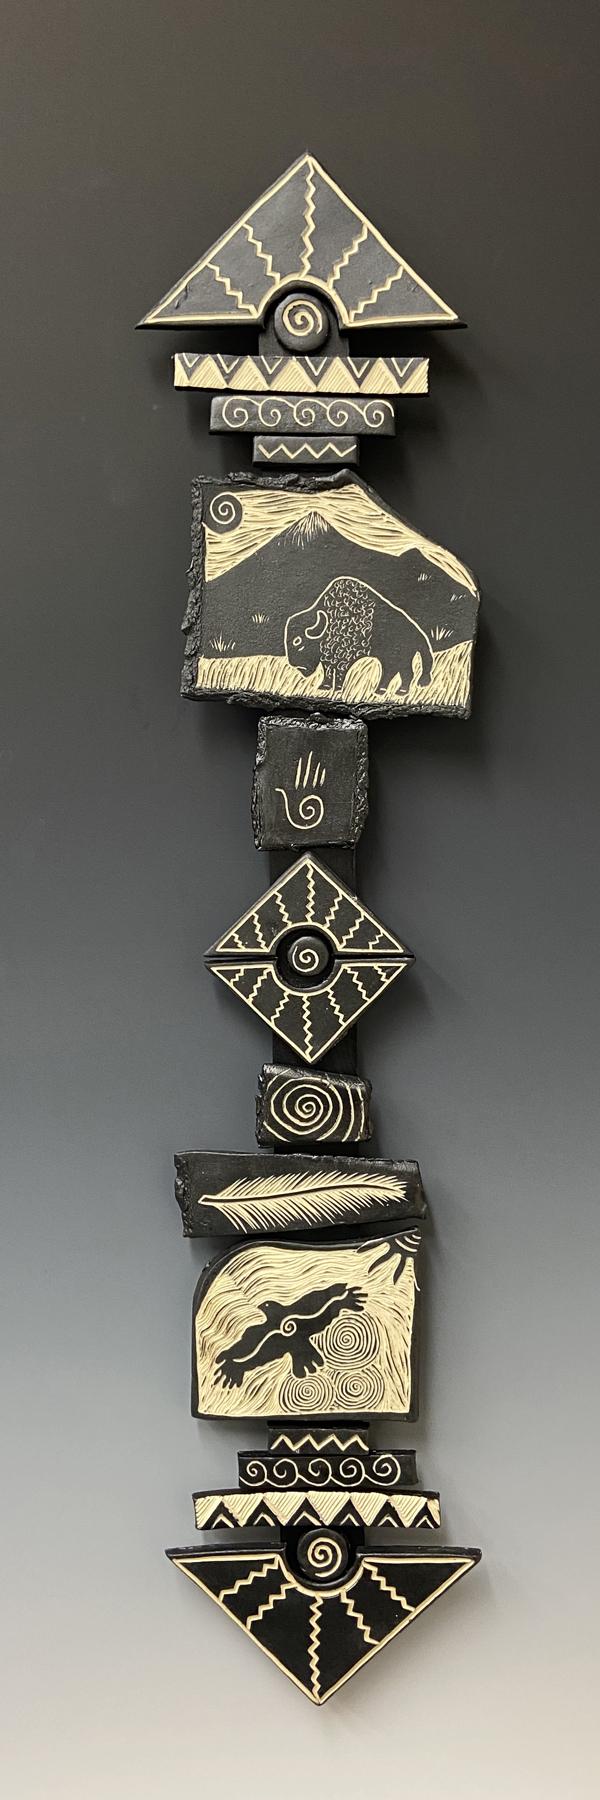 See Only Abundance totem stick